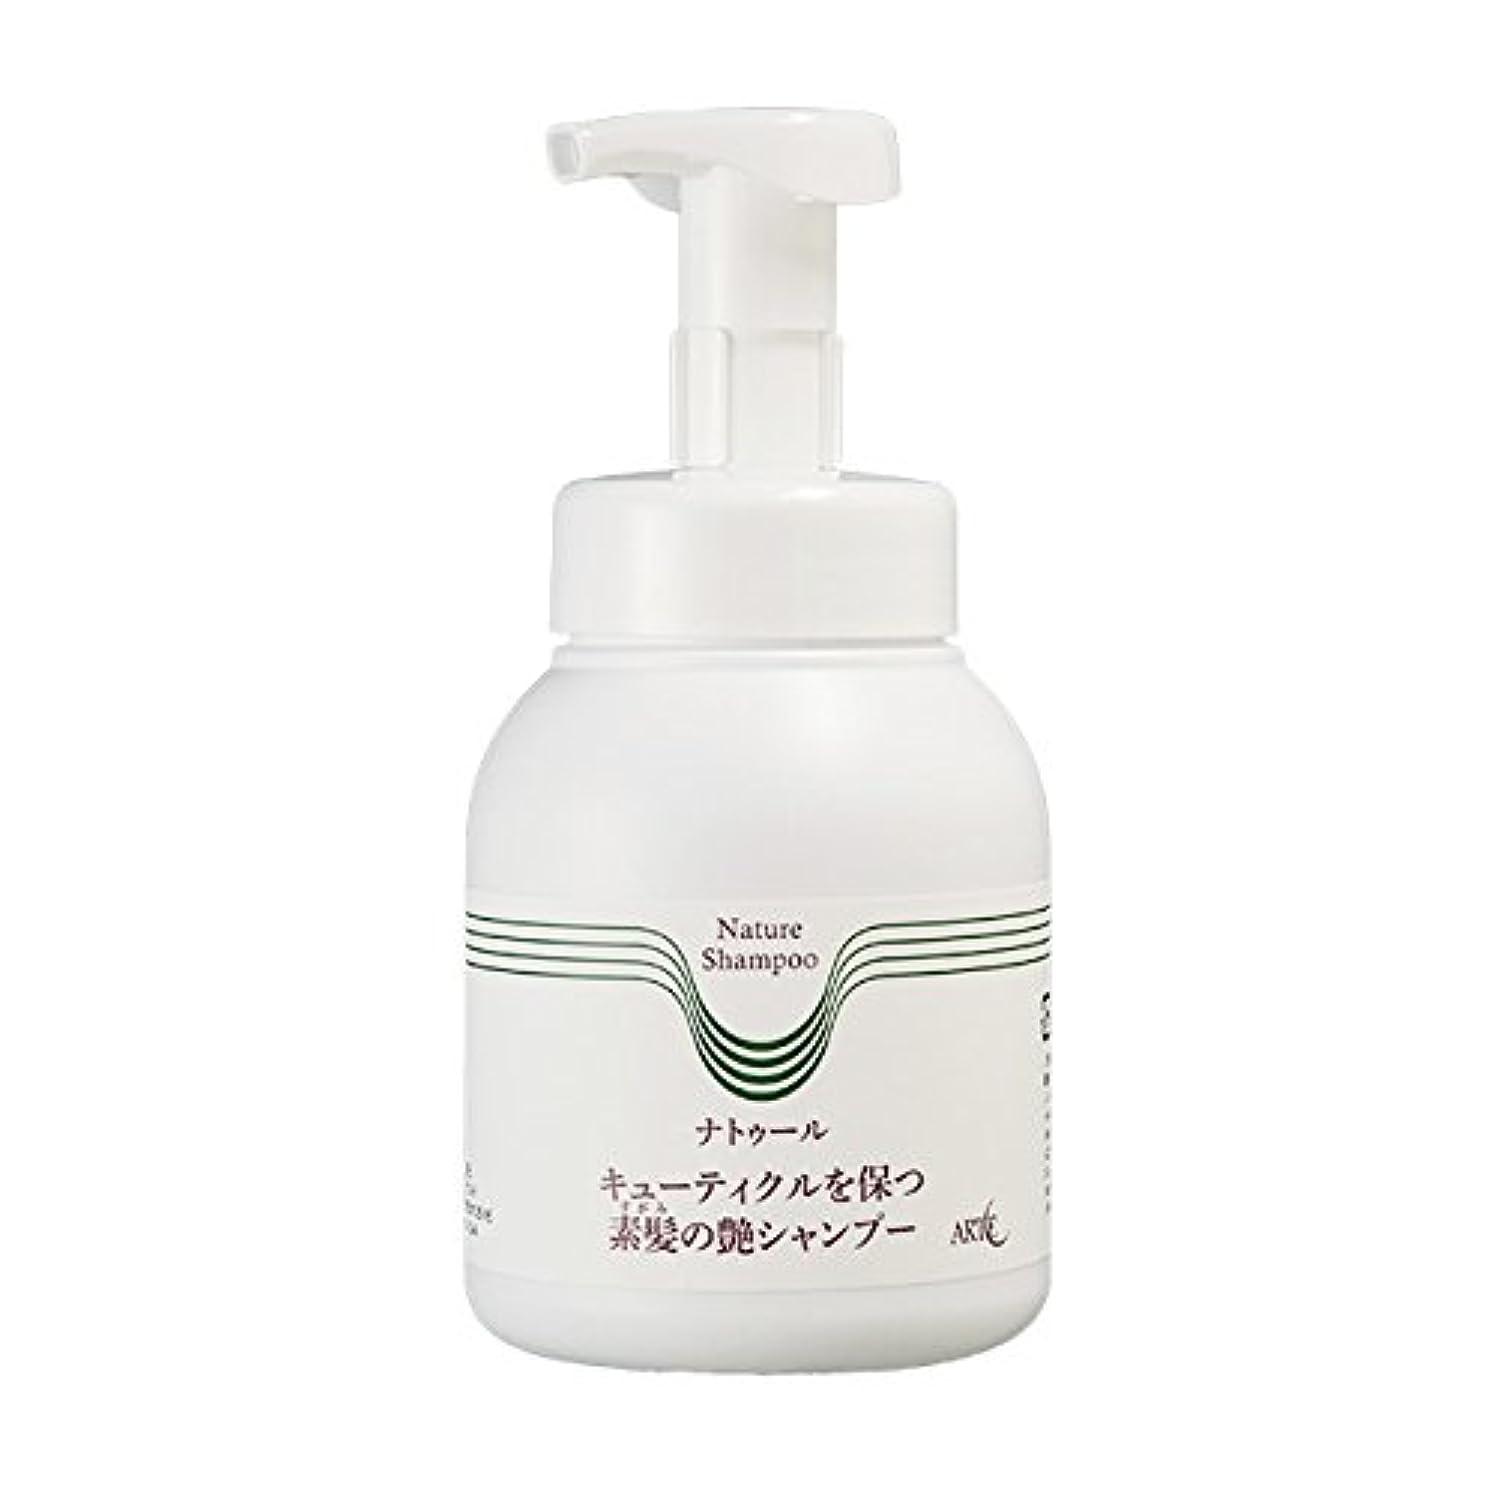 不足物語治療アルテ 素髪の艶シャンプー 500ml